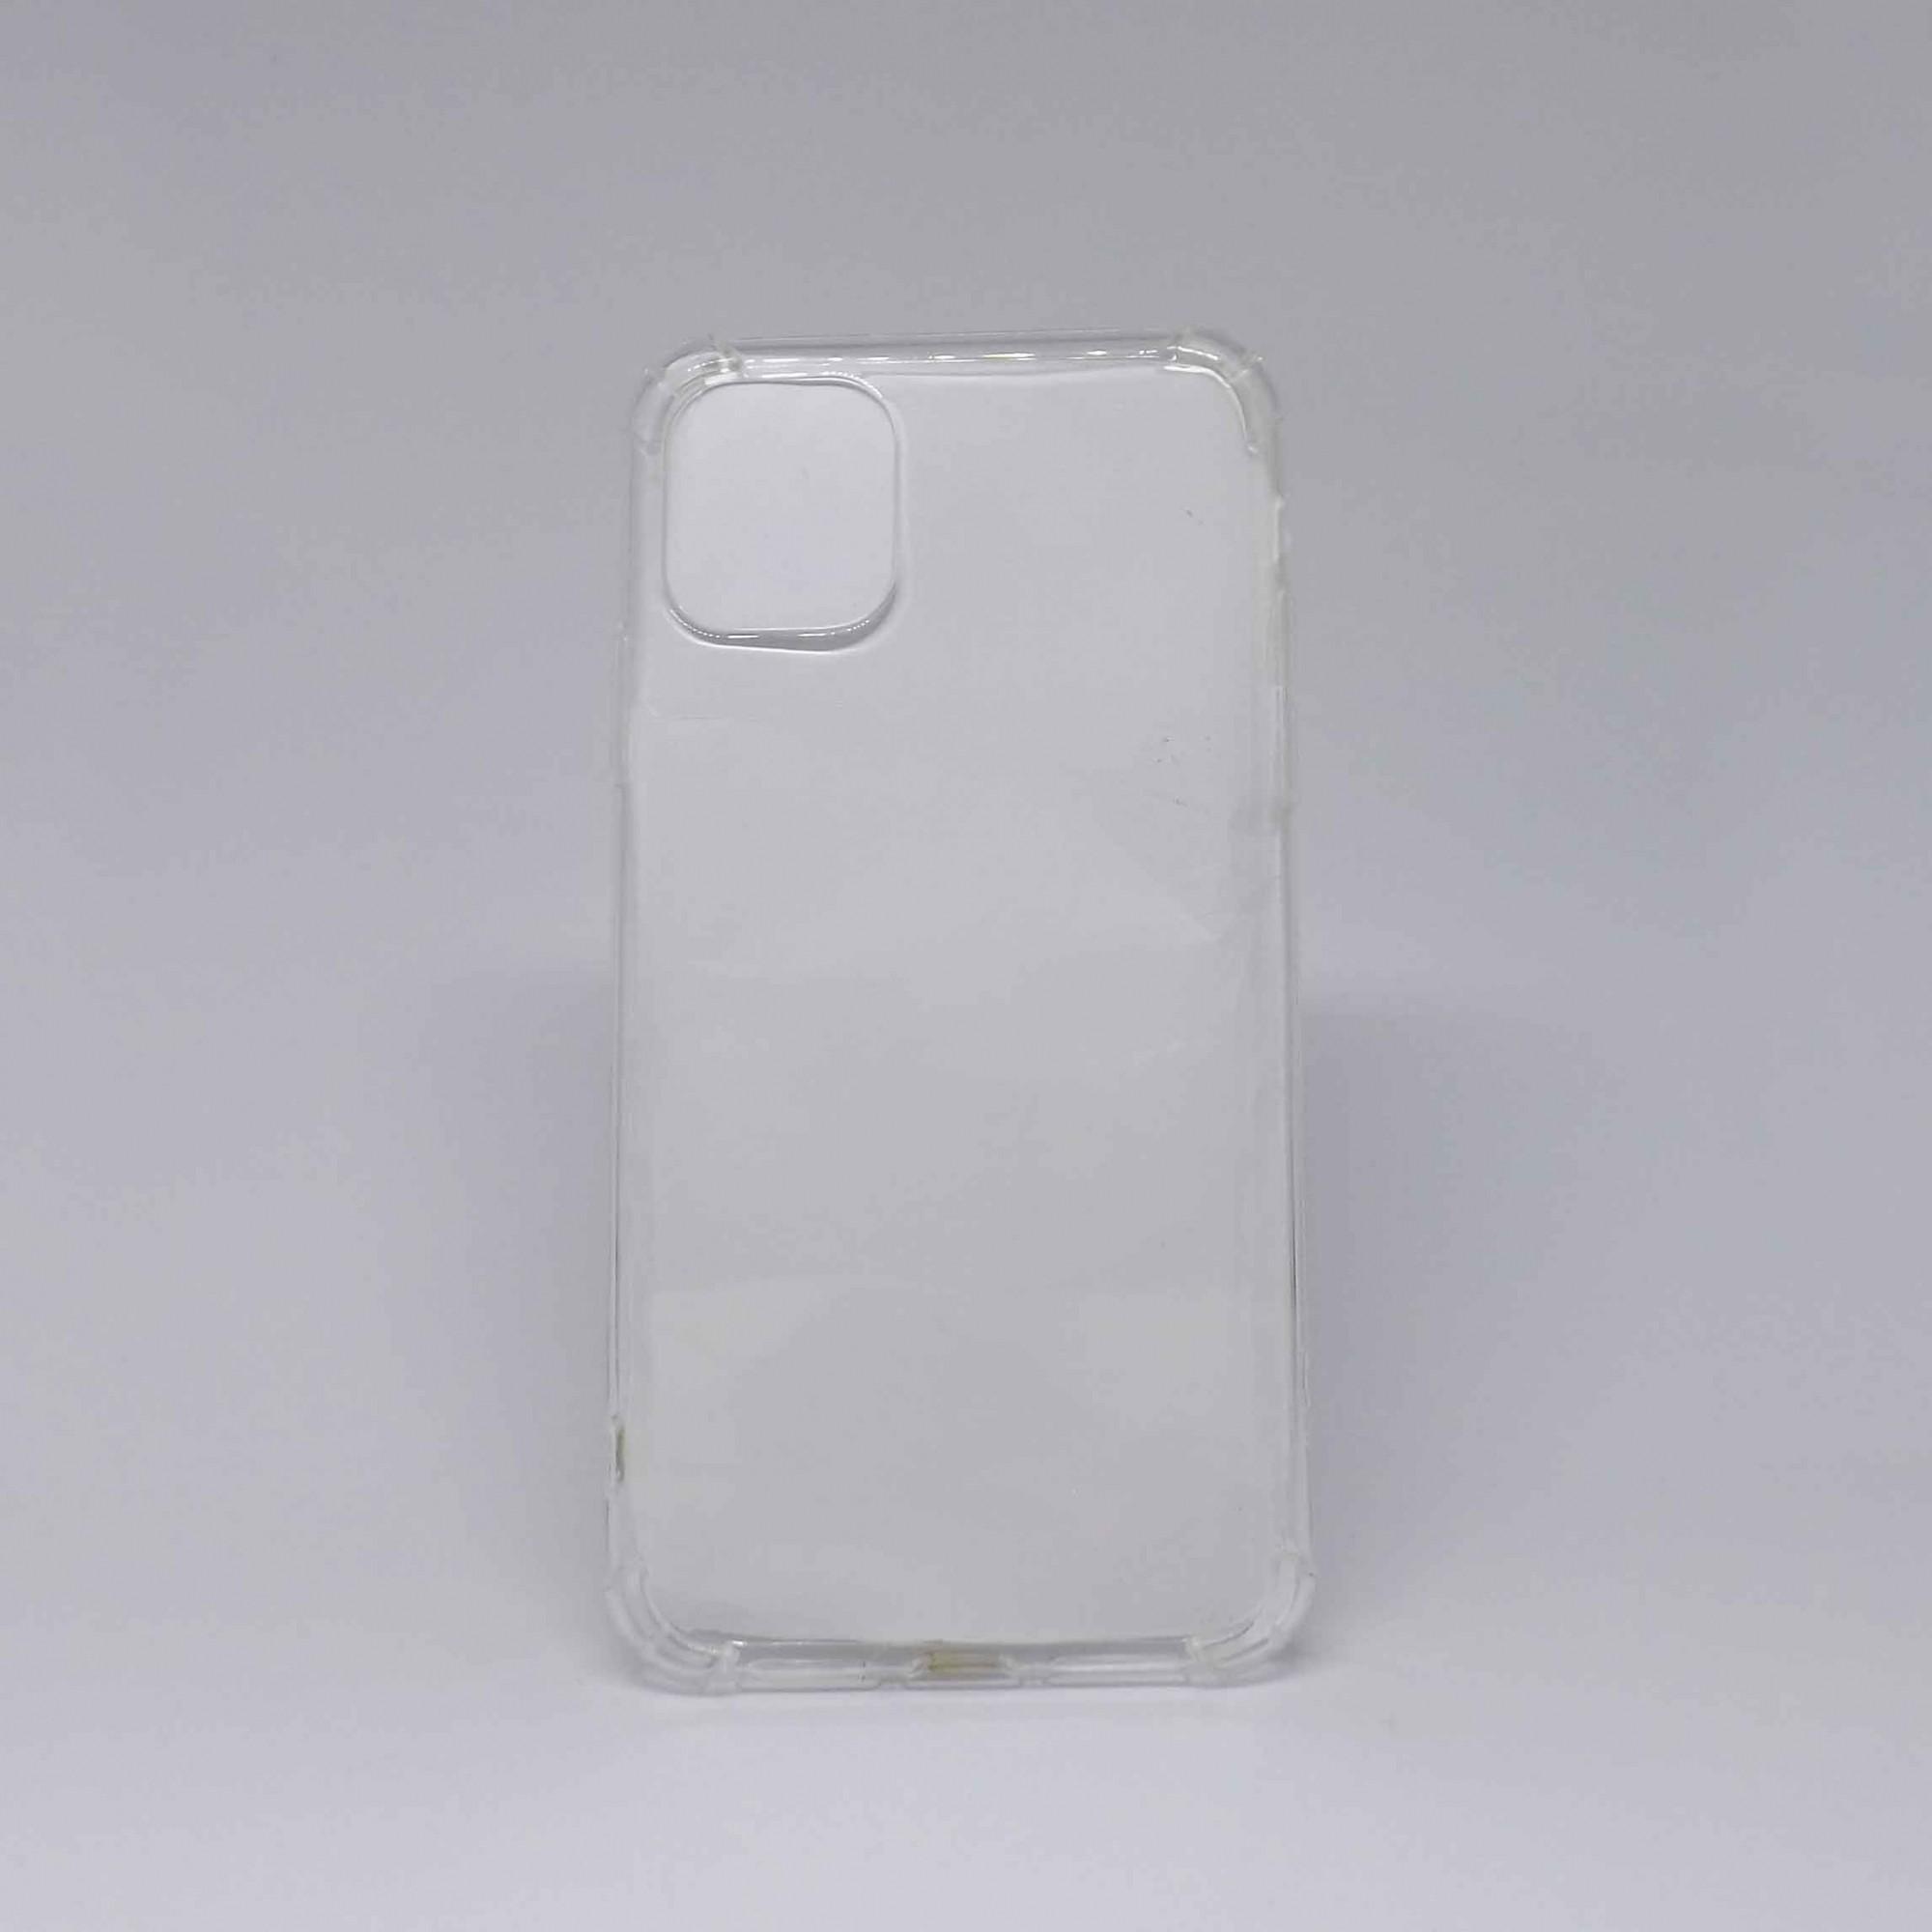 Capa iPhone 11 Transparente